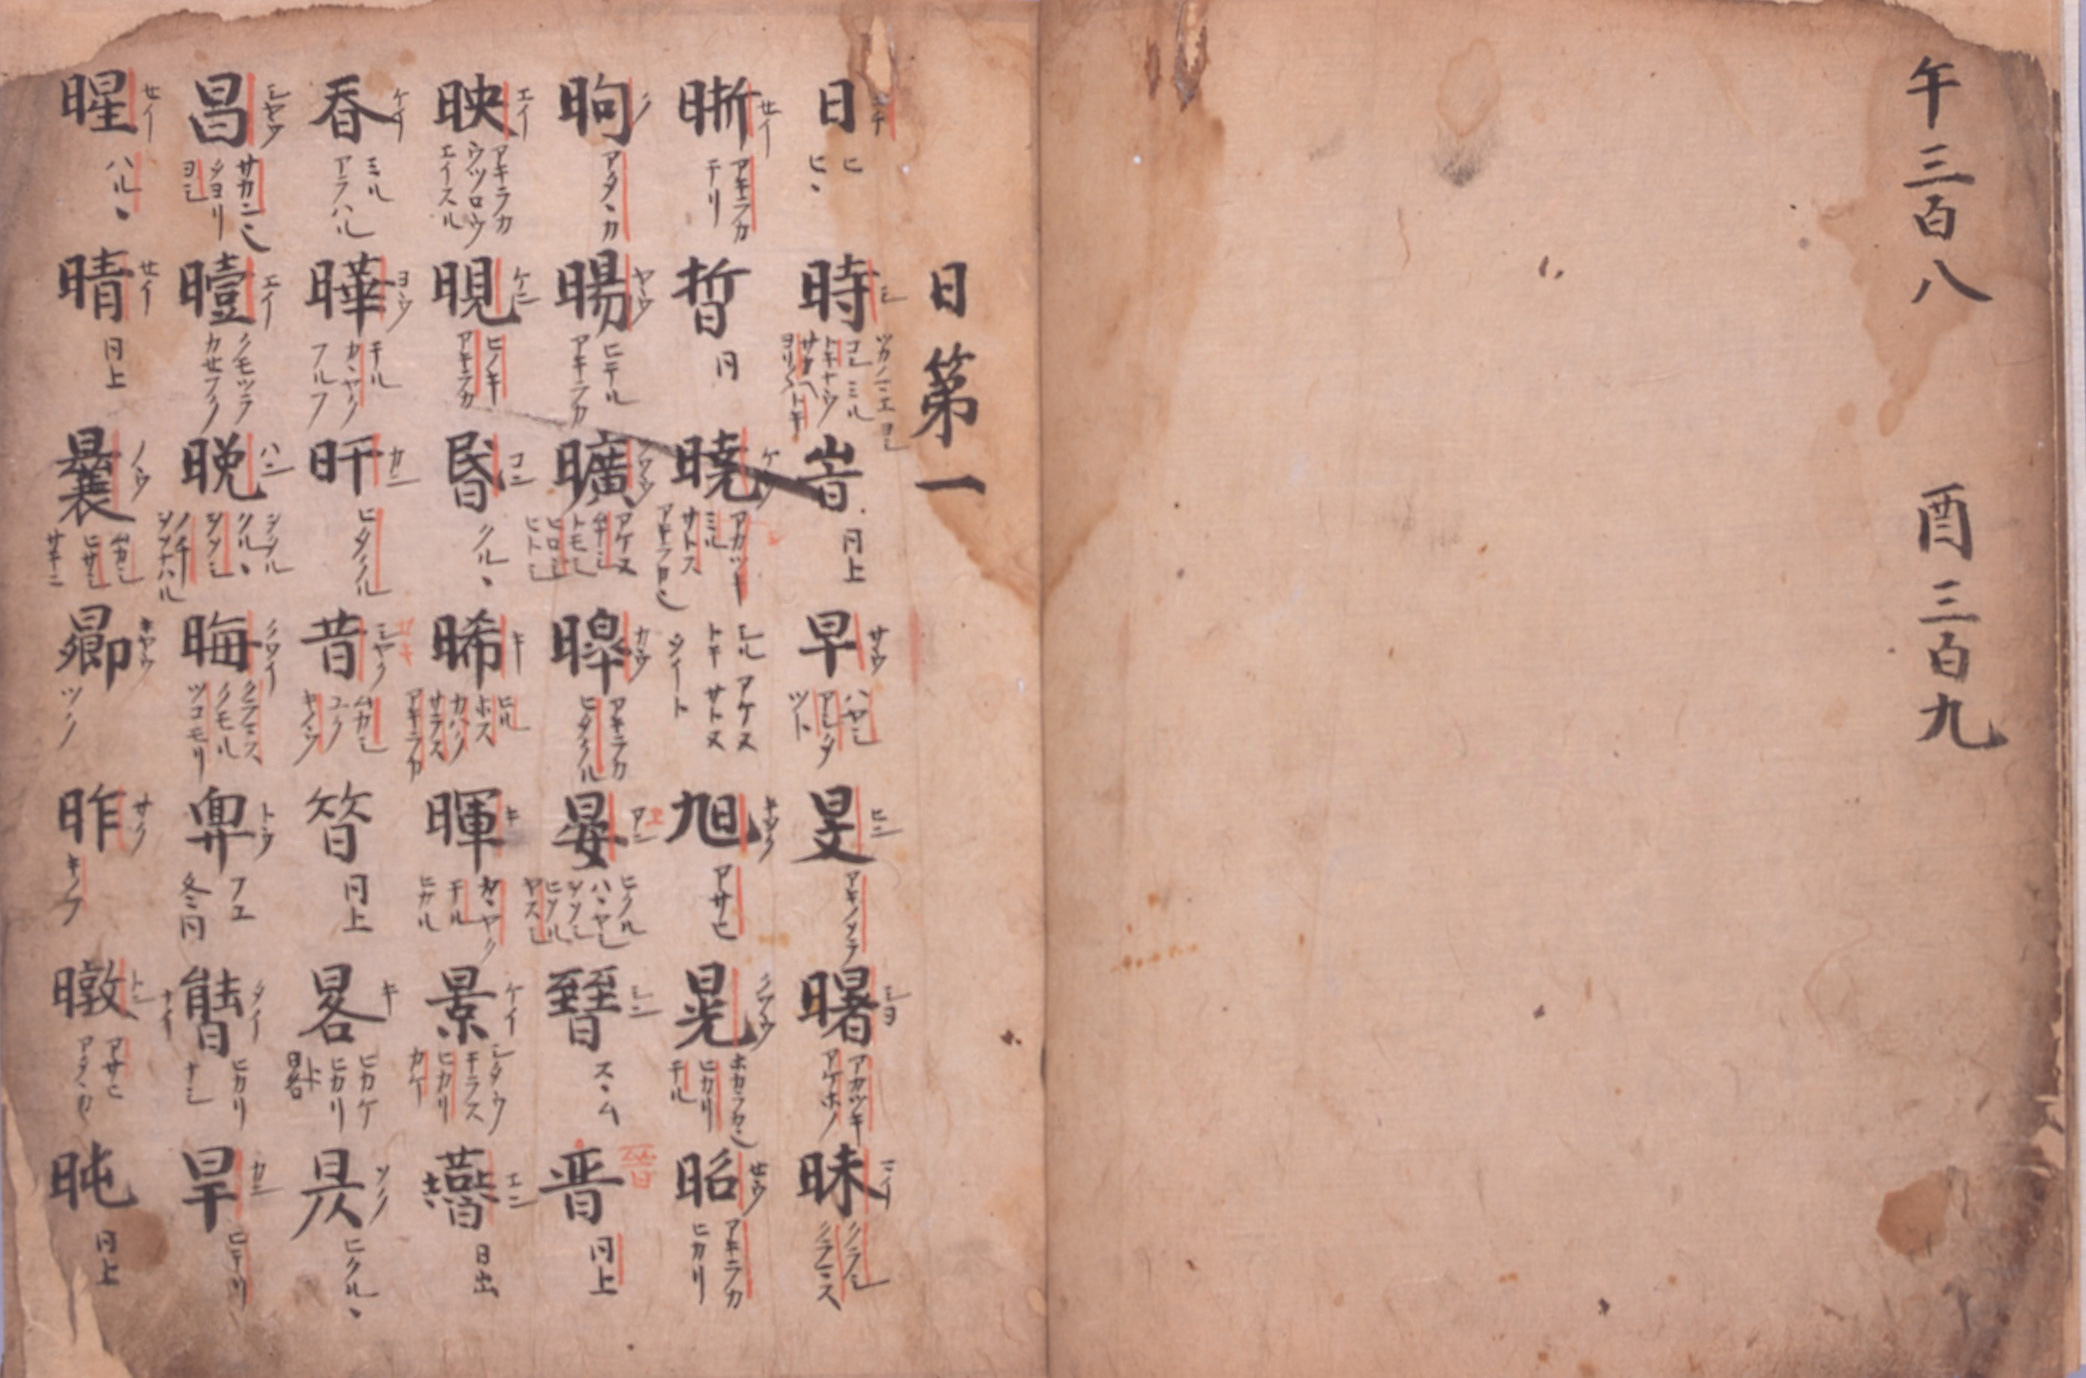 『倭玉篇』 室町時代(16世紀) 静嘉堂文庫蔵 【全期間展示】